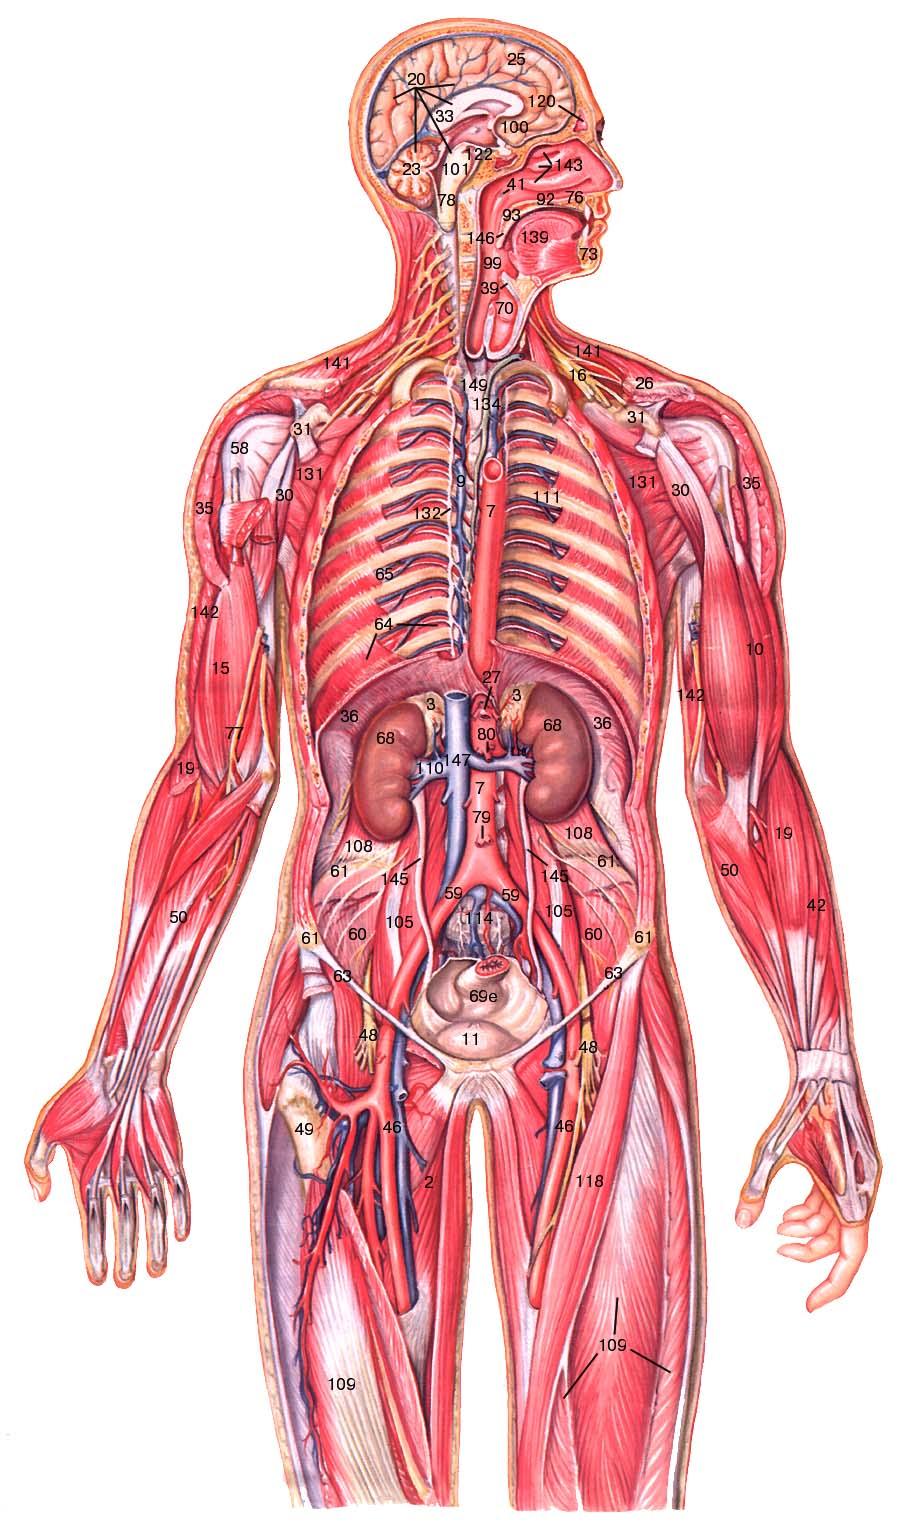 Уроки по анатомии половых органов наглядно 1 фотография